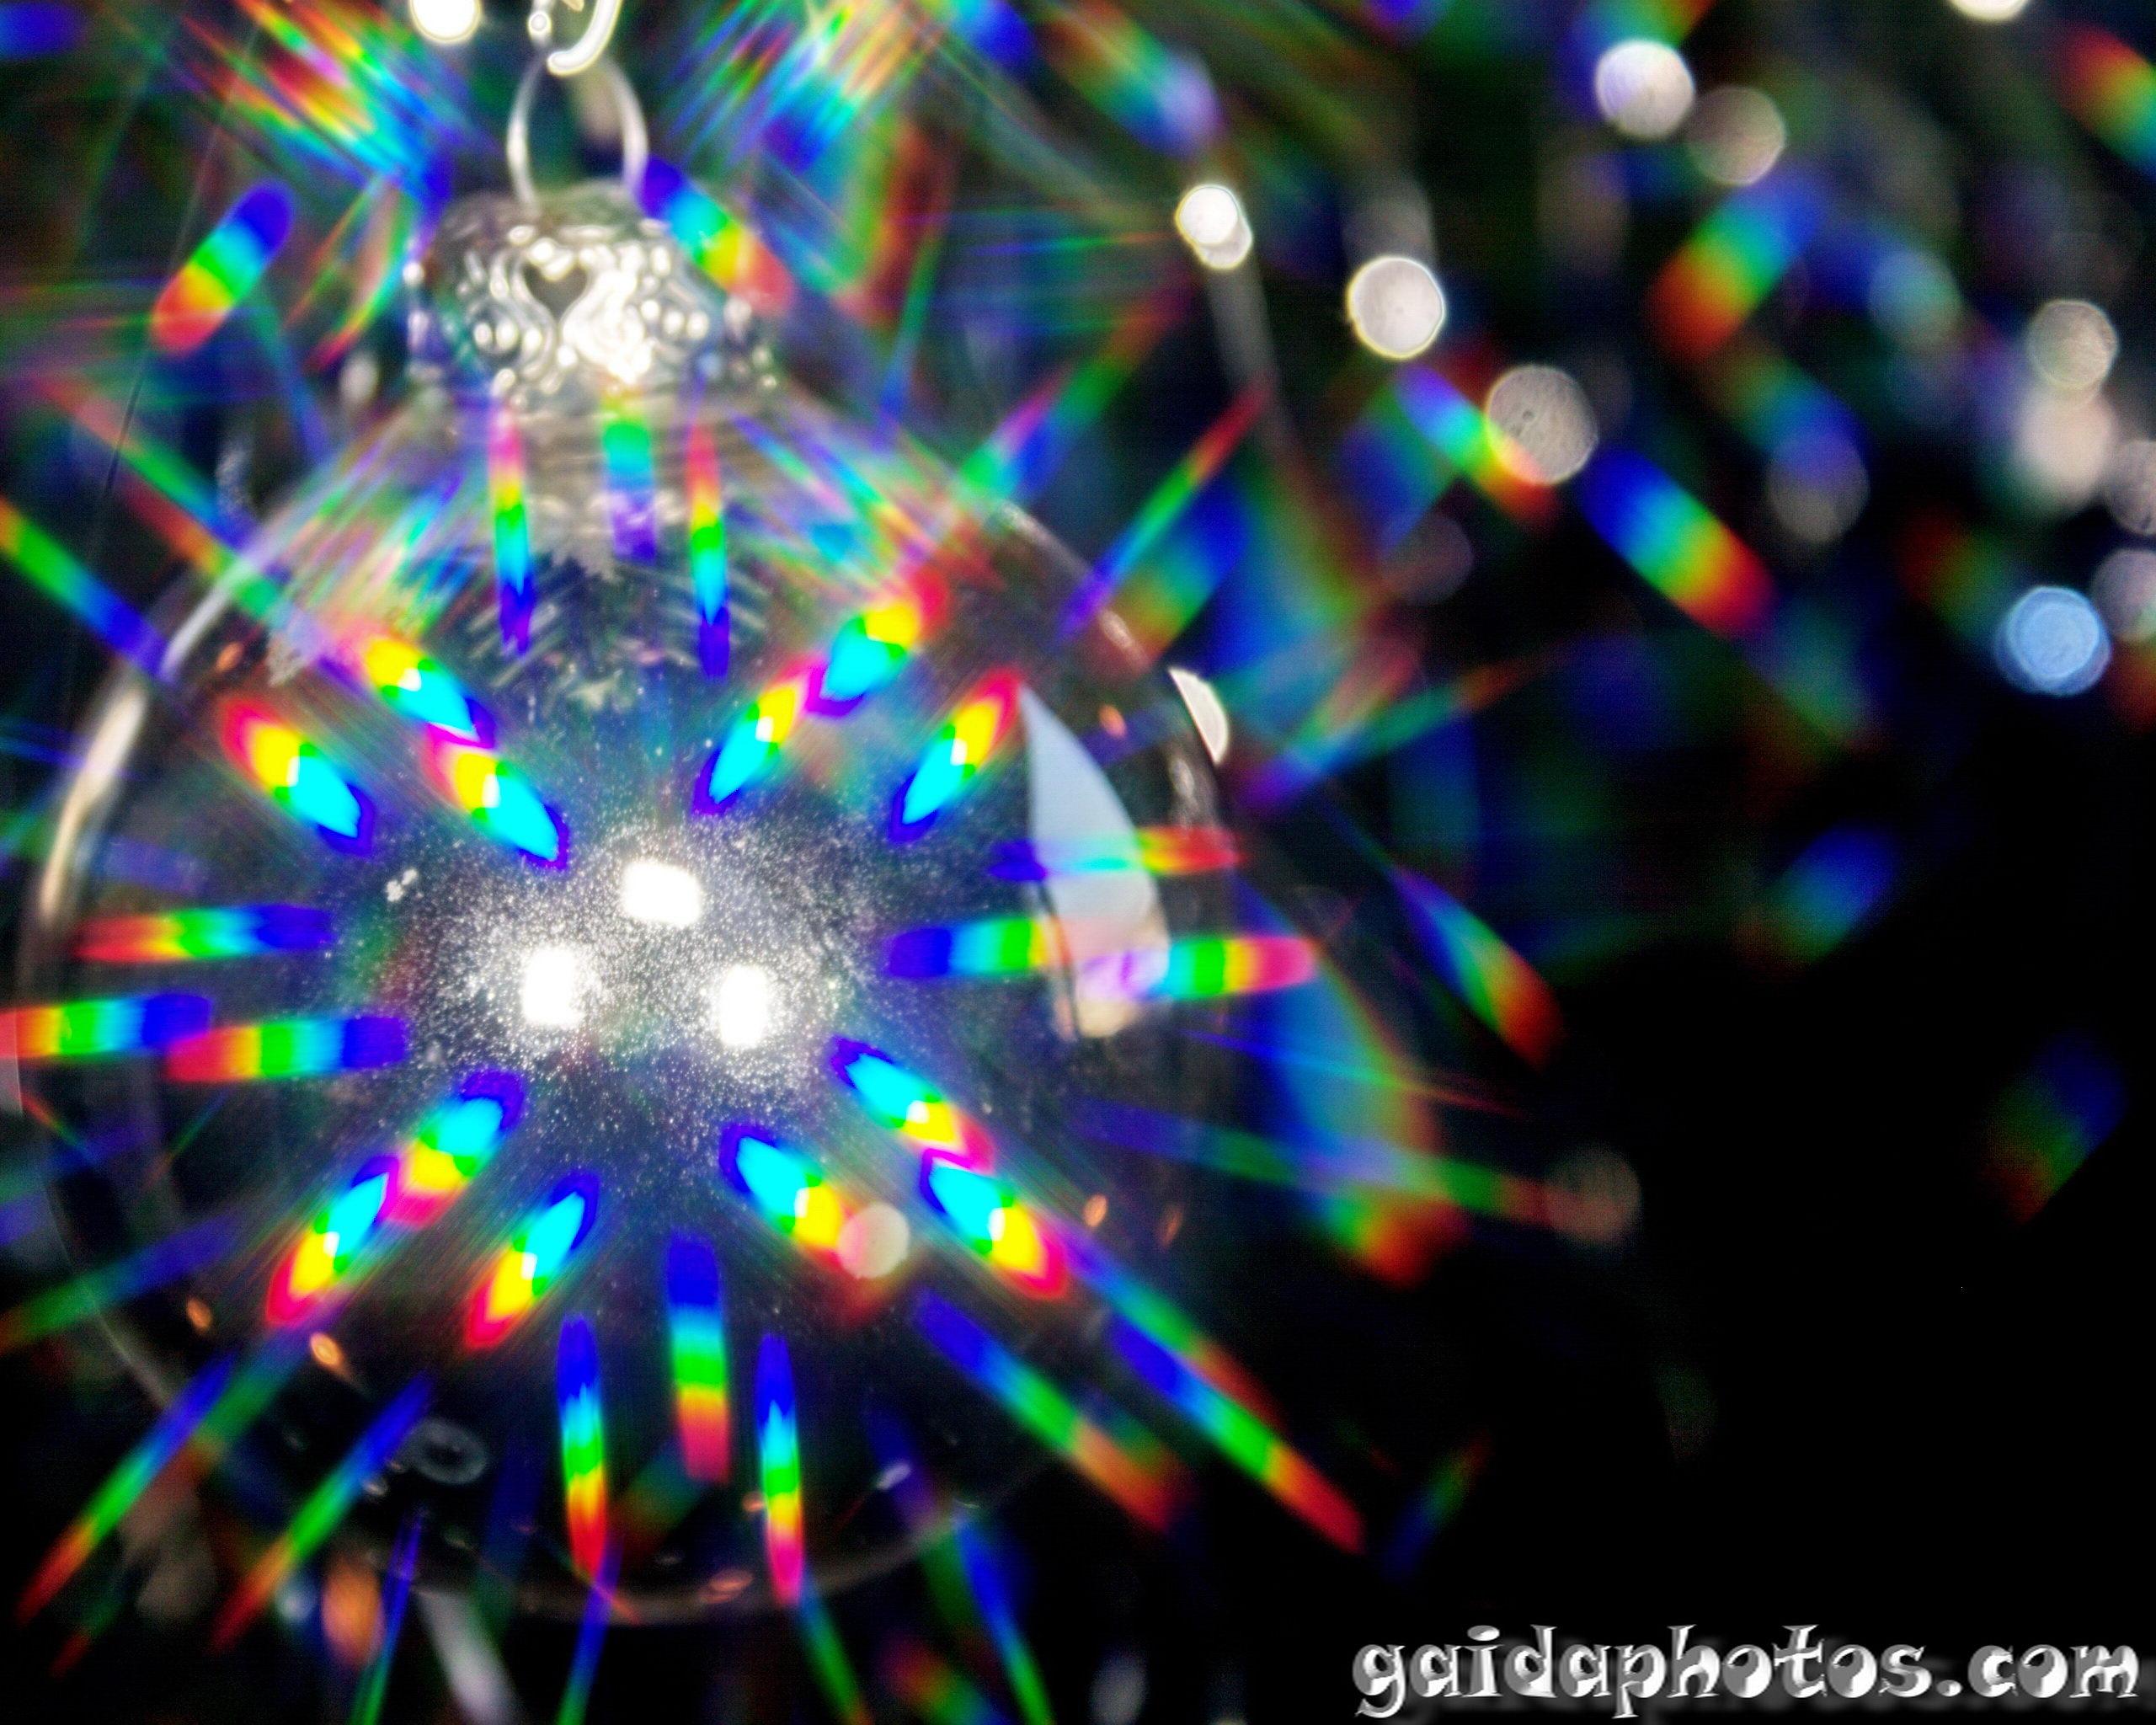 Desktop wallpaper weihnachten kostenlos f r 5 4 1280x1024px - 3d hintergrundbilder kostenlos weihnachten ...